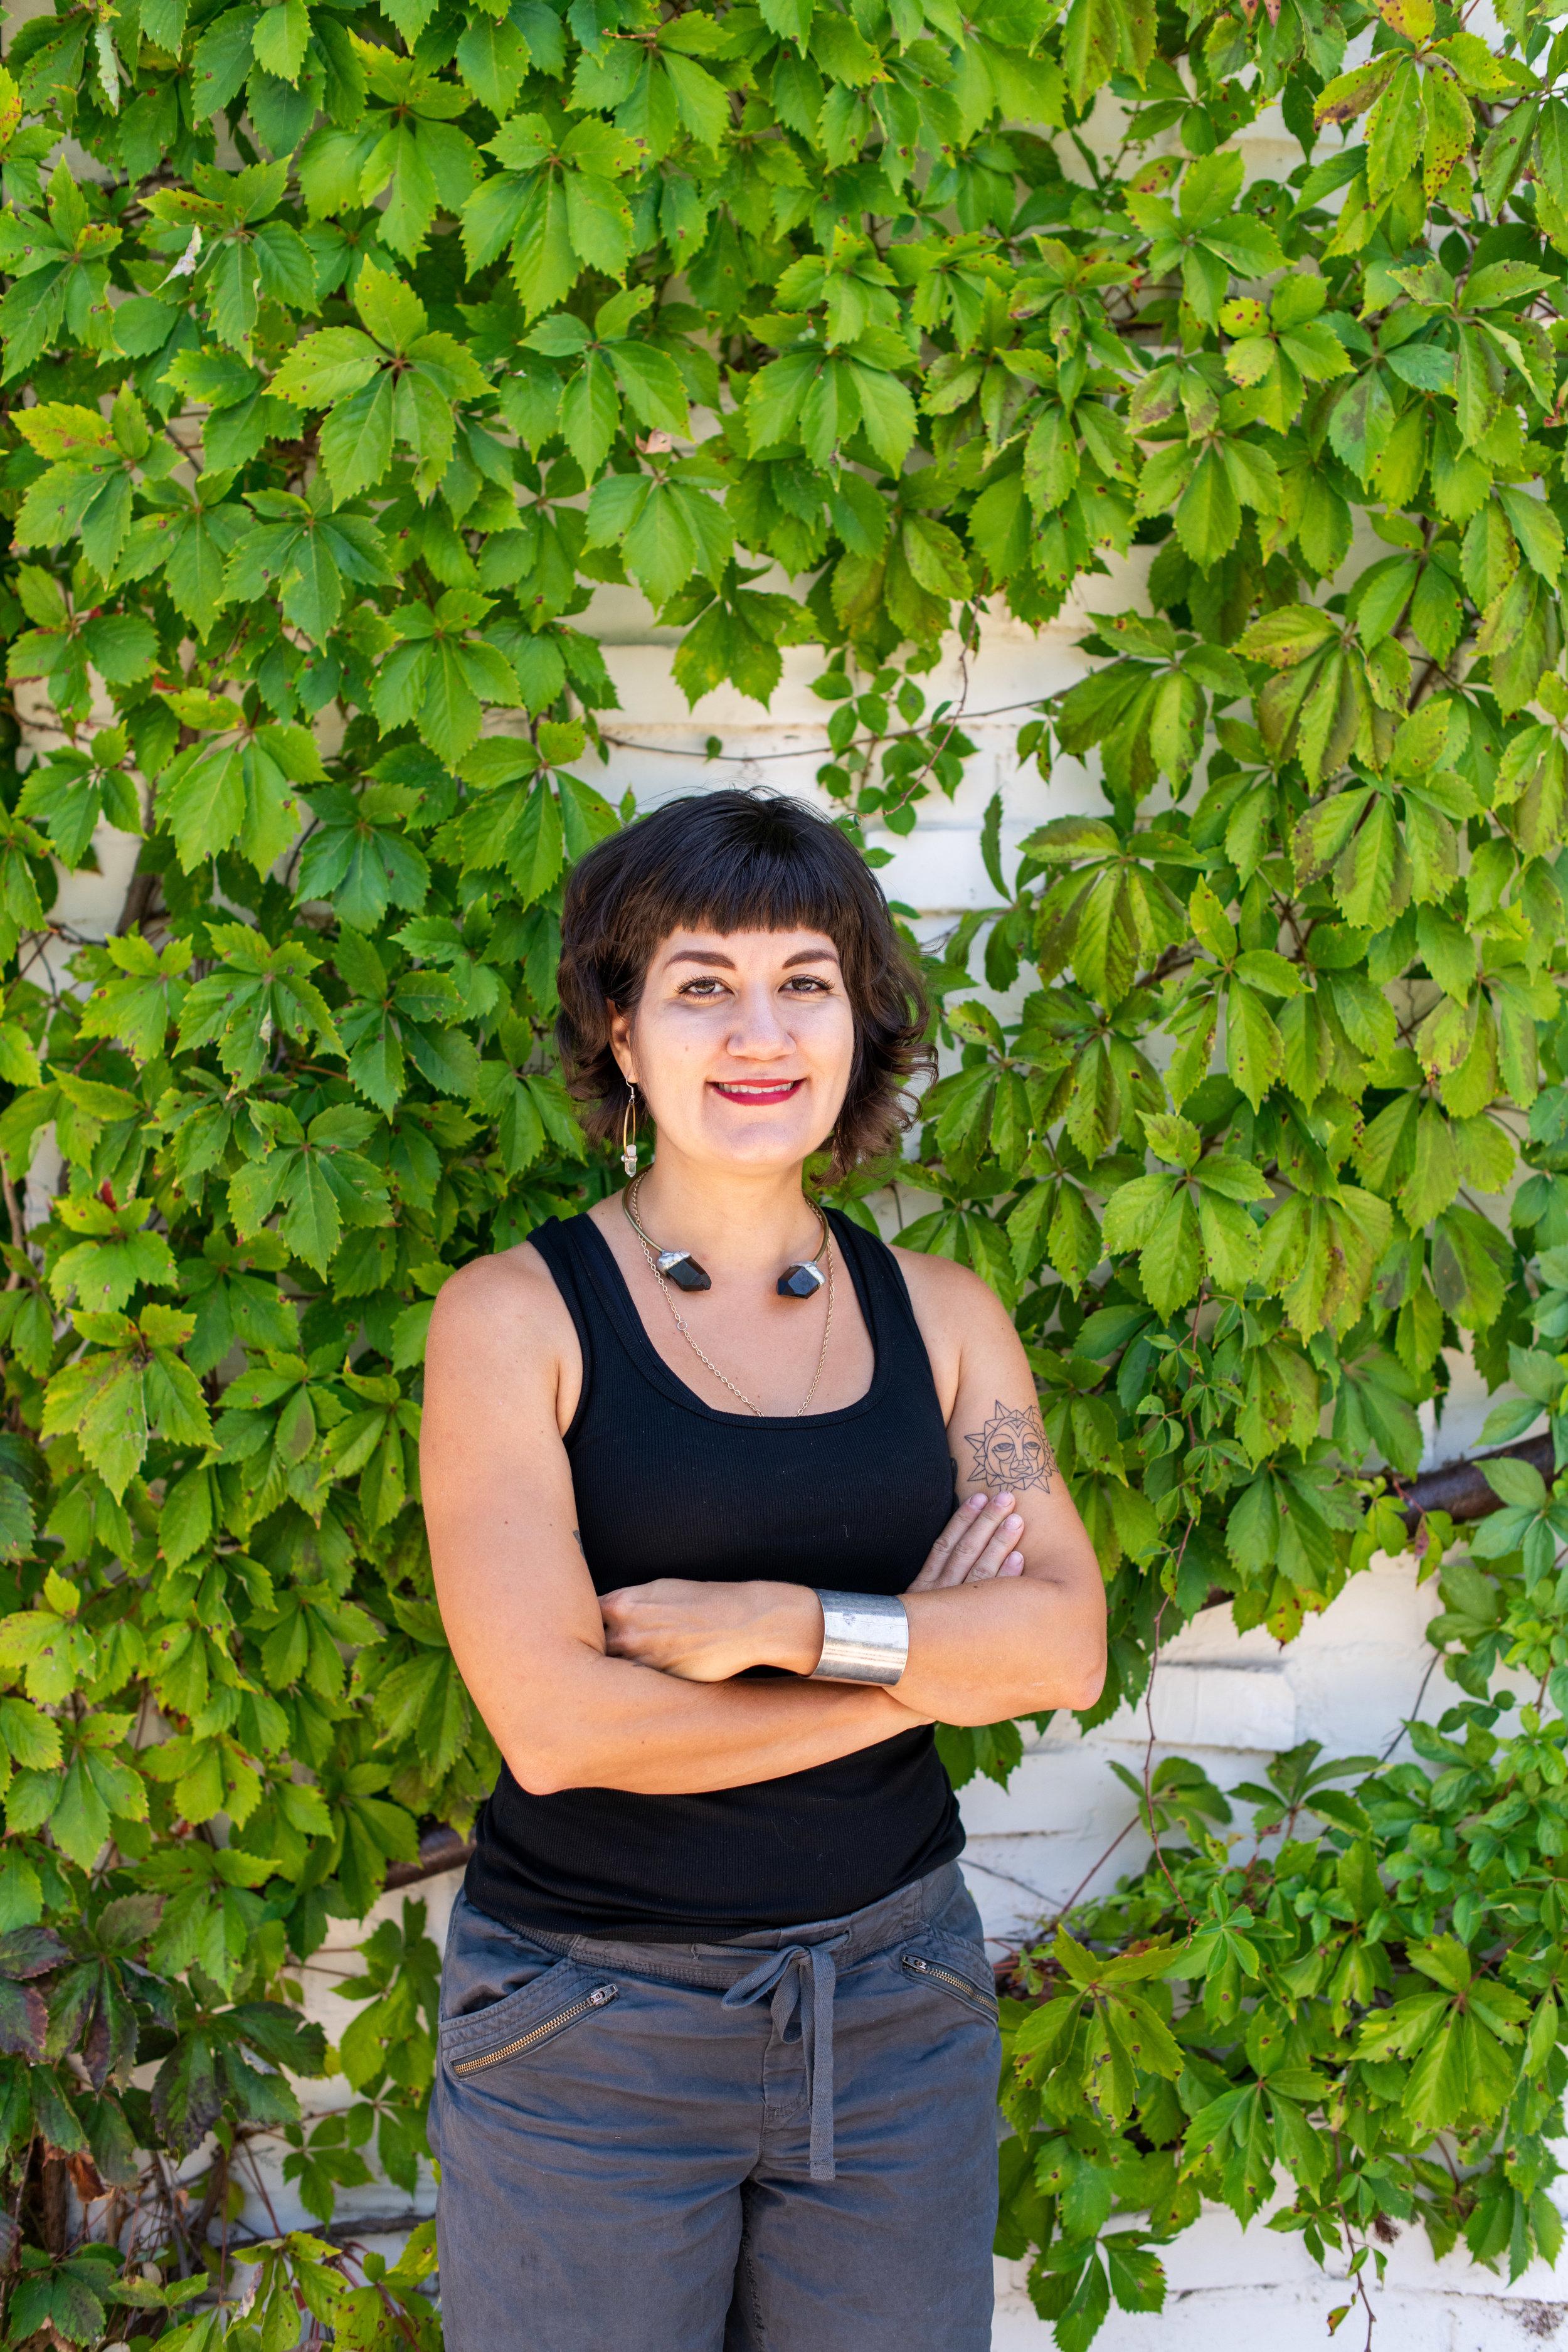 Amanda-32.jpg